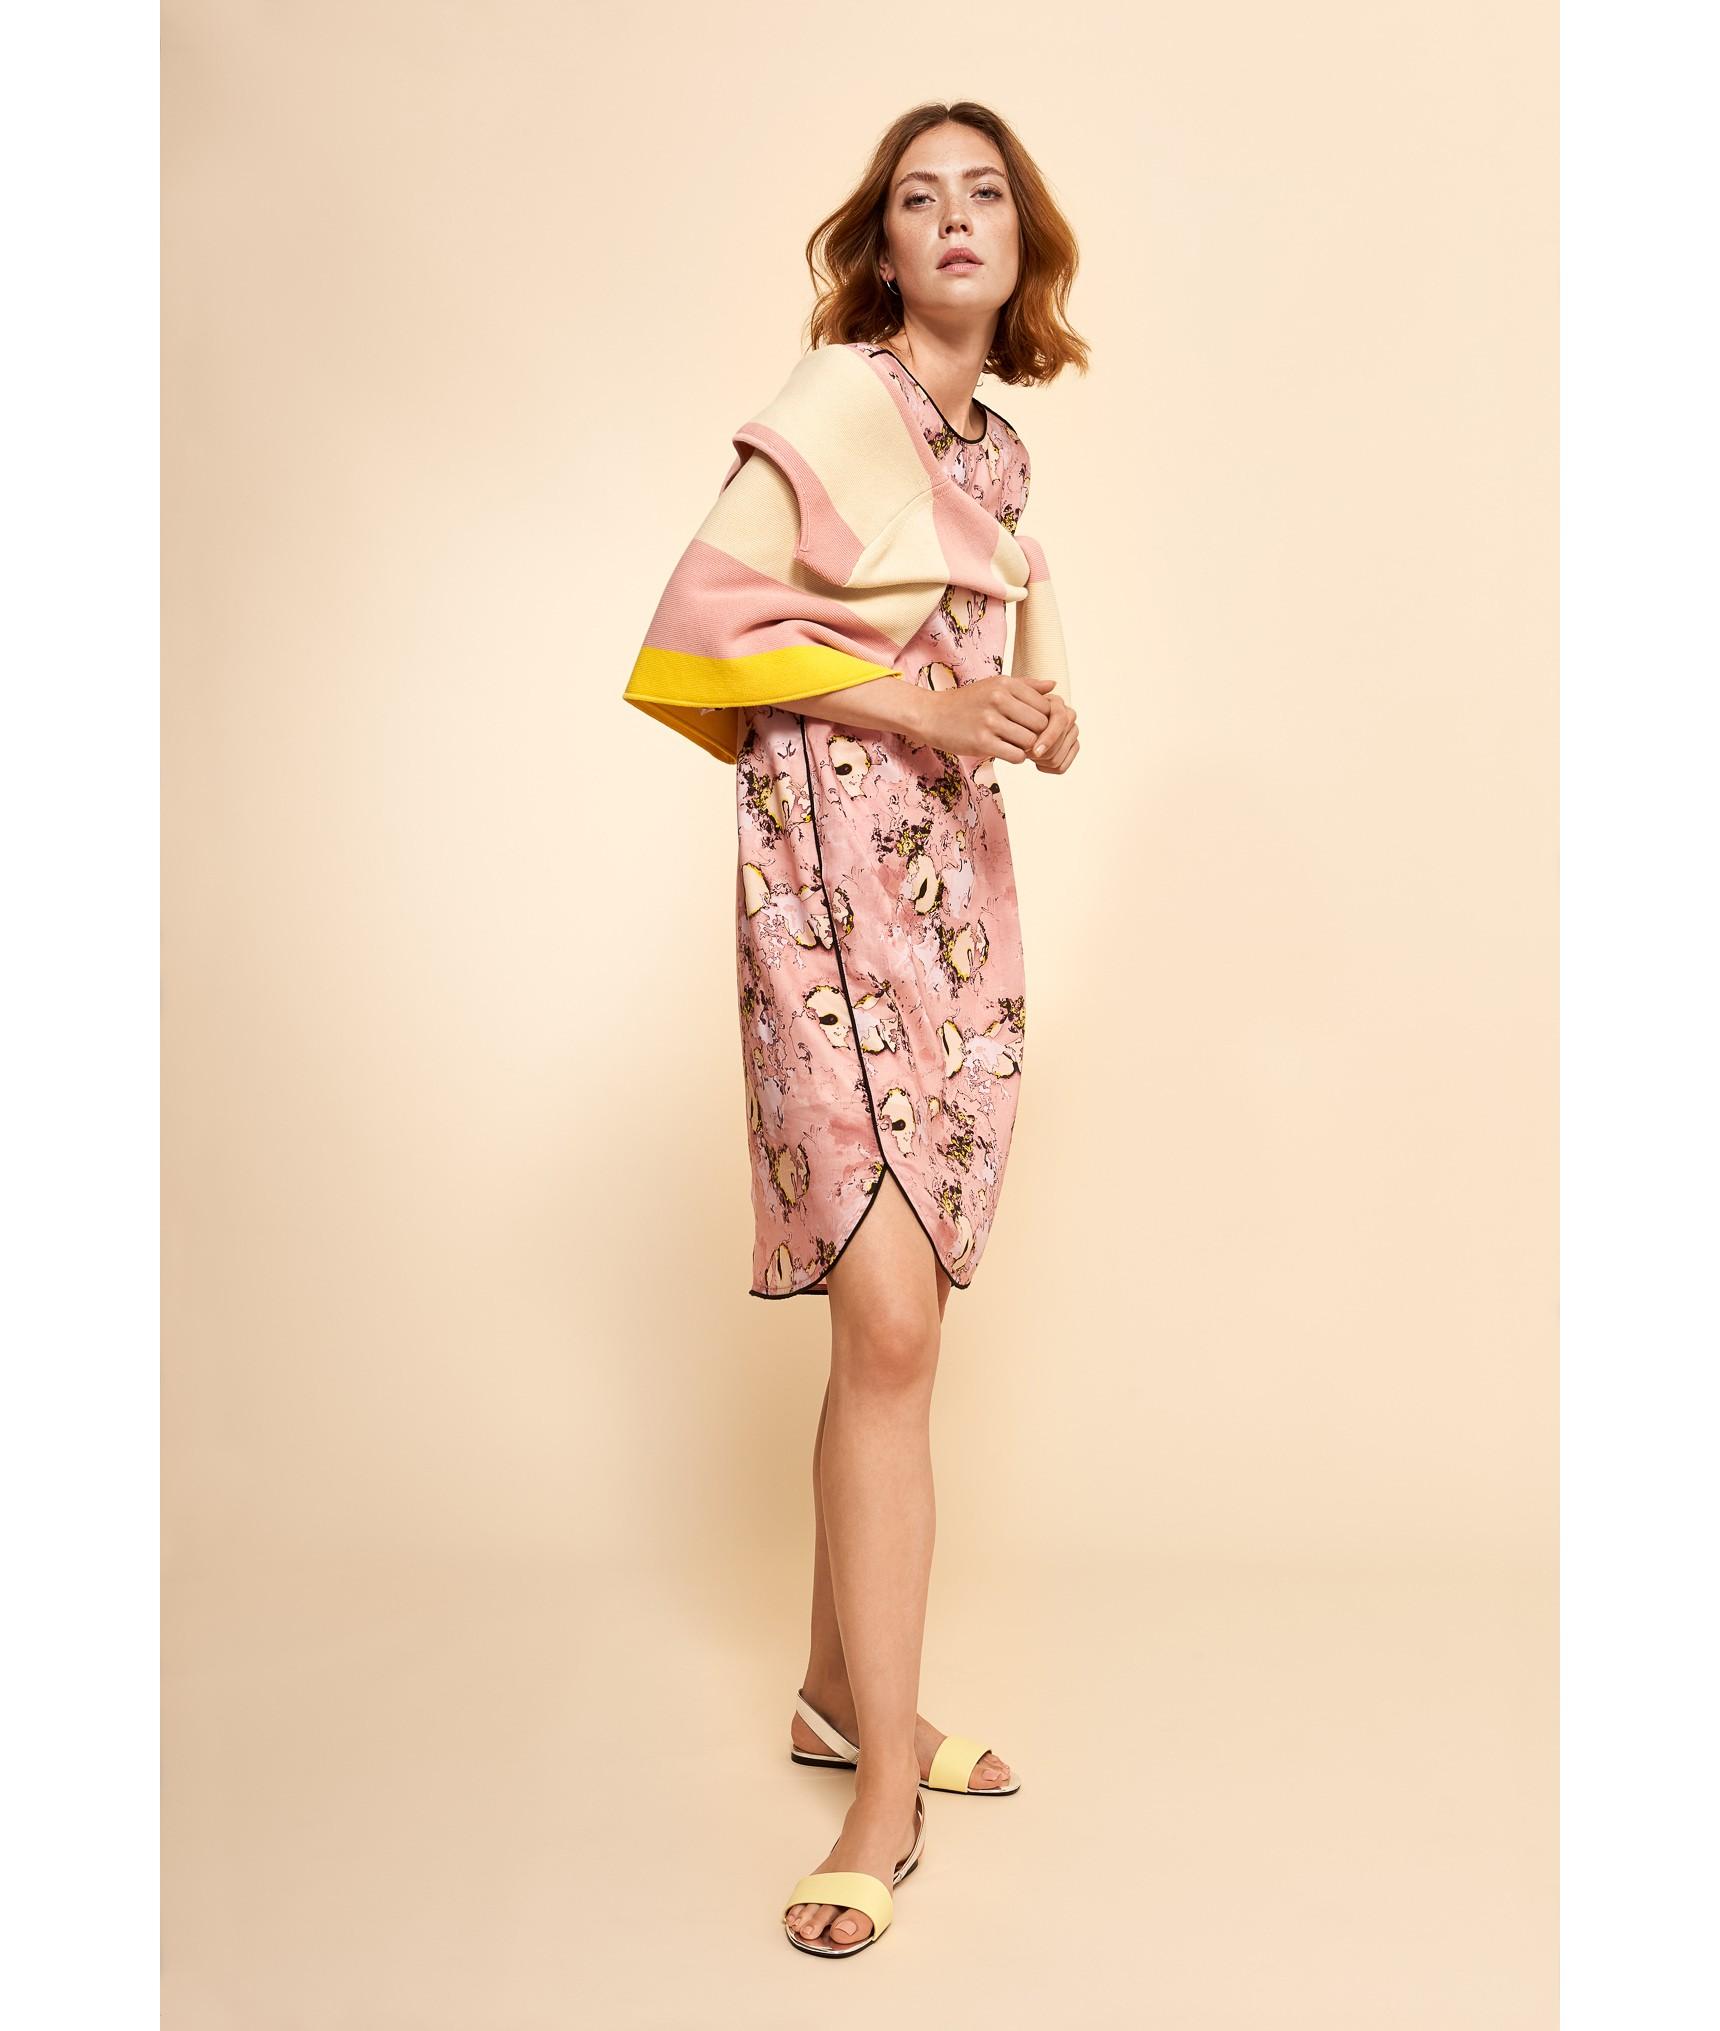 ebdf56d8c114 LANIUS Kleid Print Dreamland Rose | 36